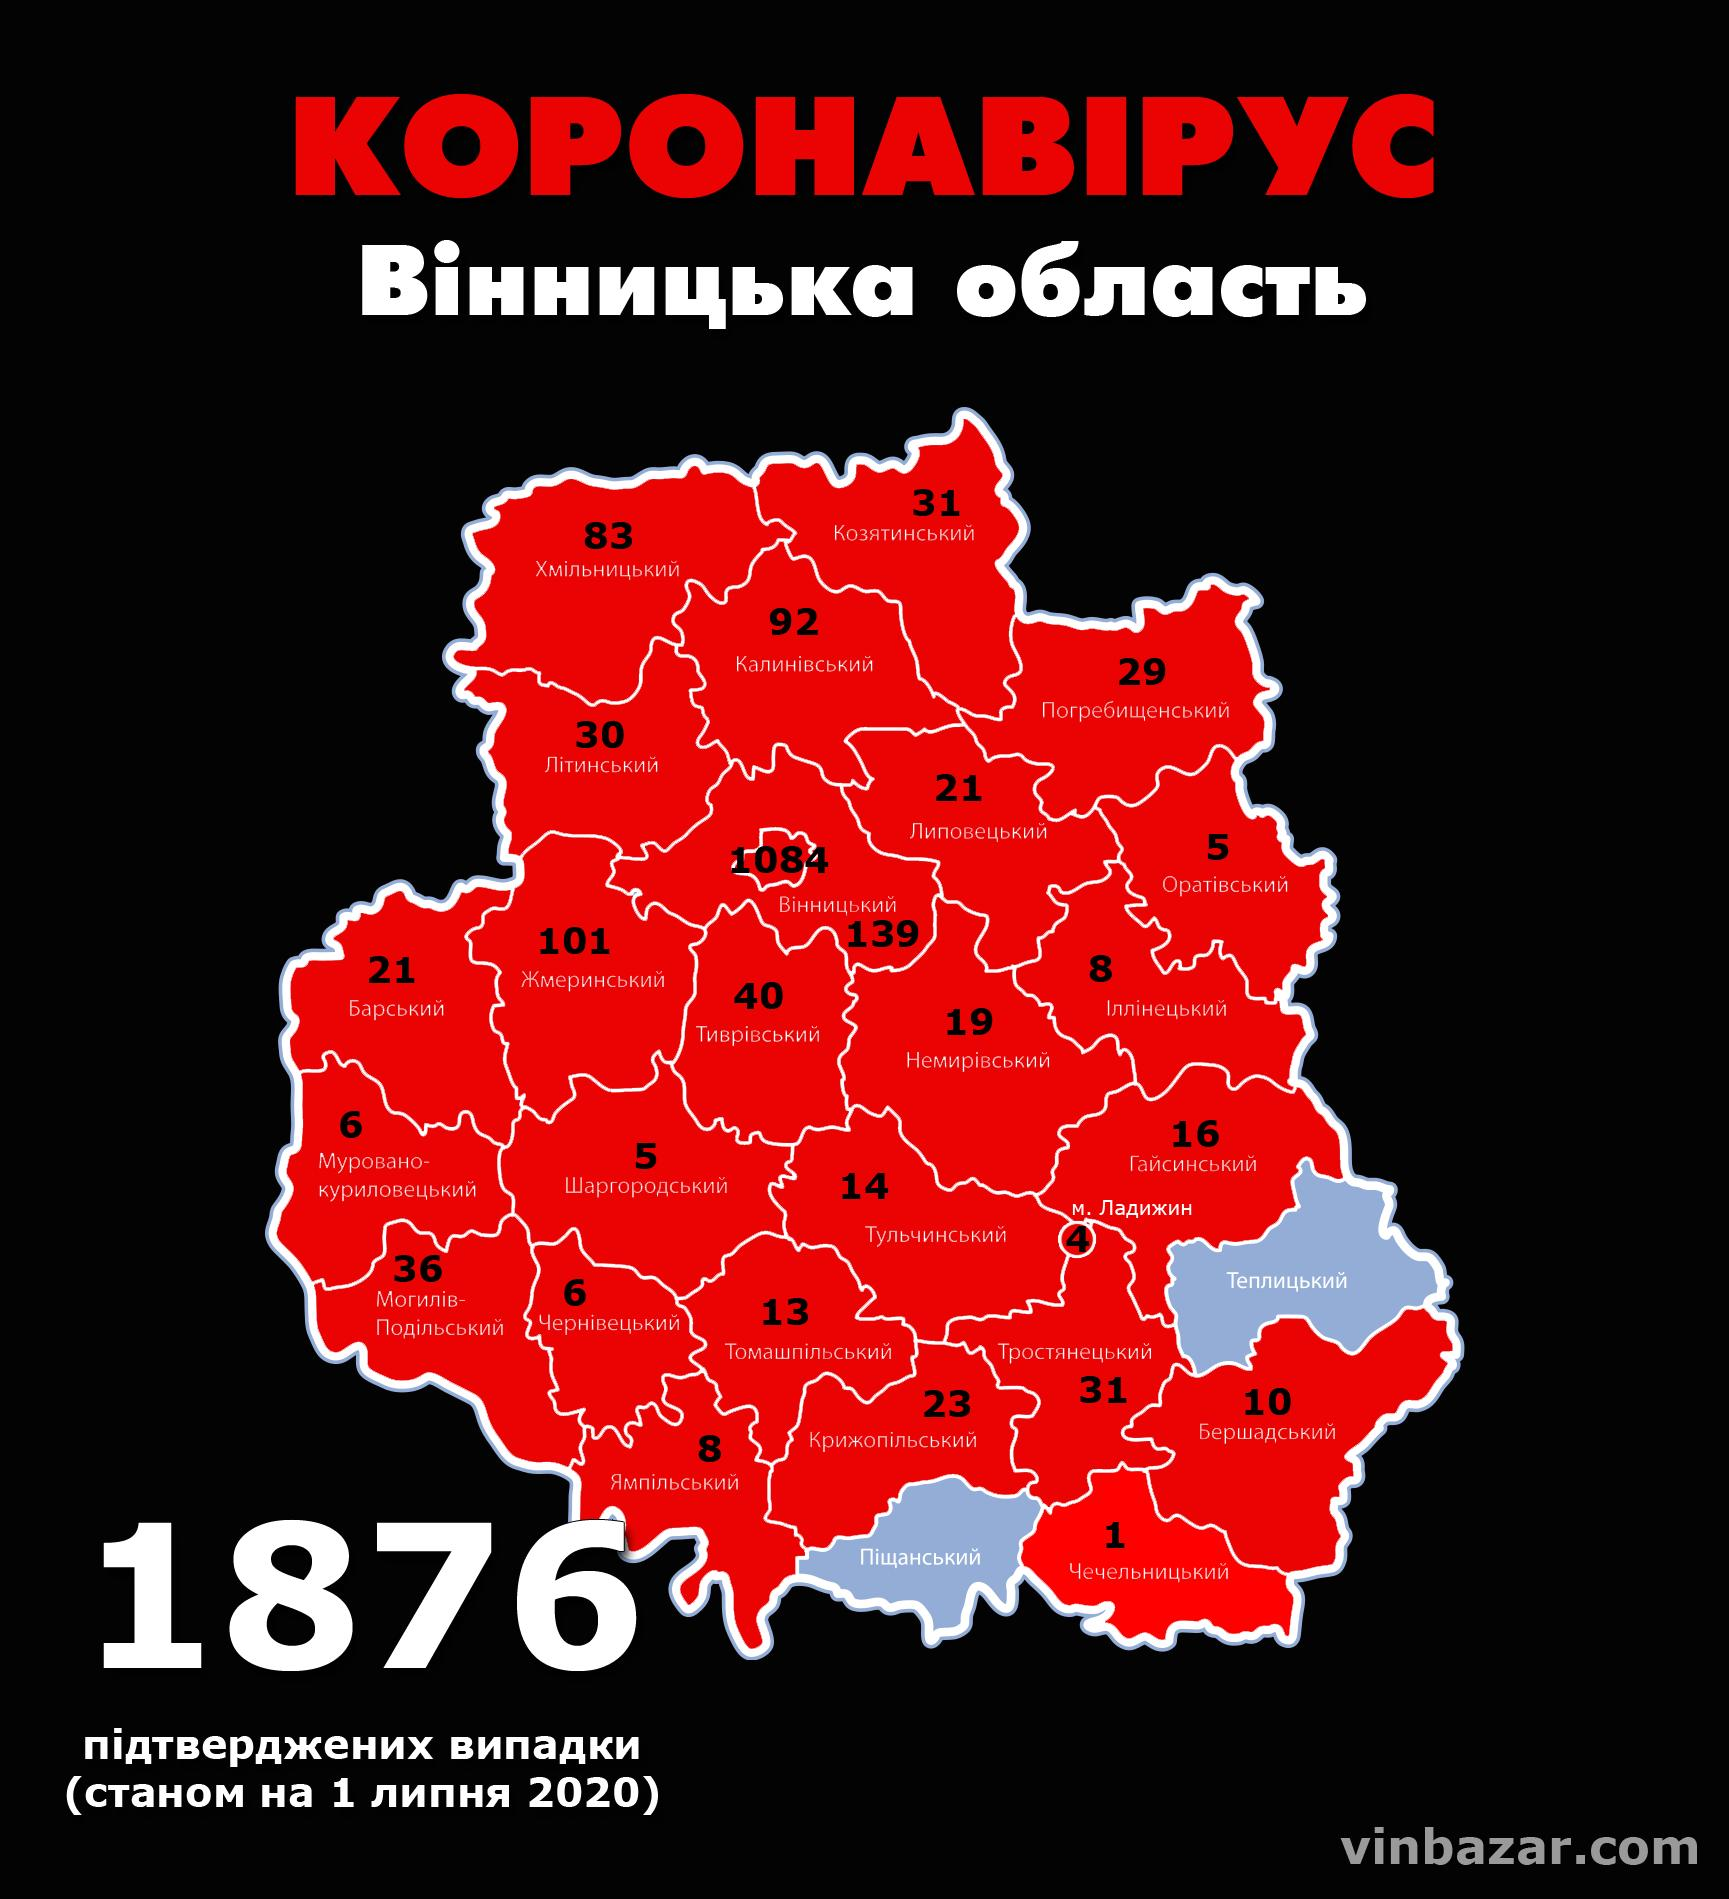 Станом на ранок 1 липня у Вінницькій області підтвердили 1876 випадків коронавірусу